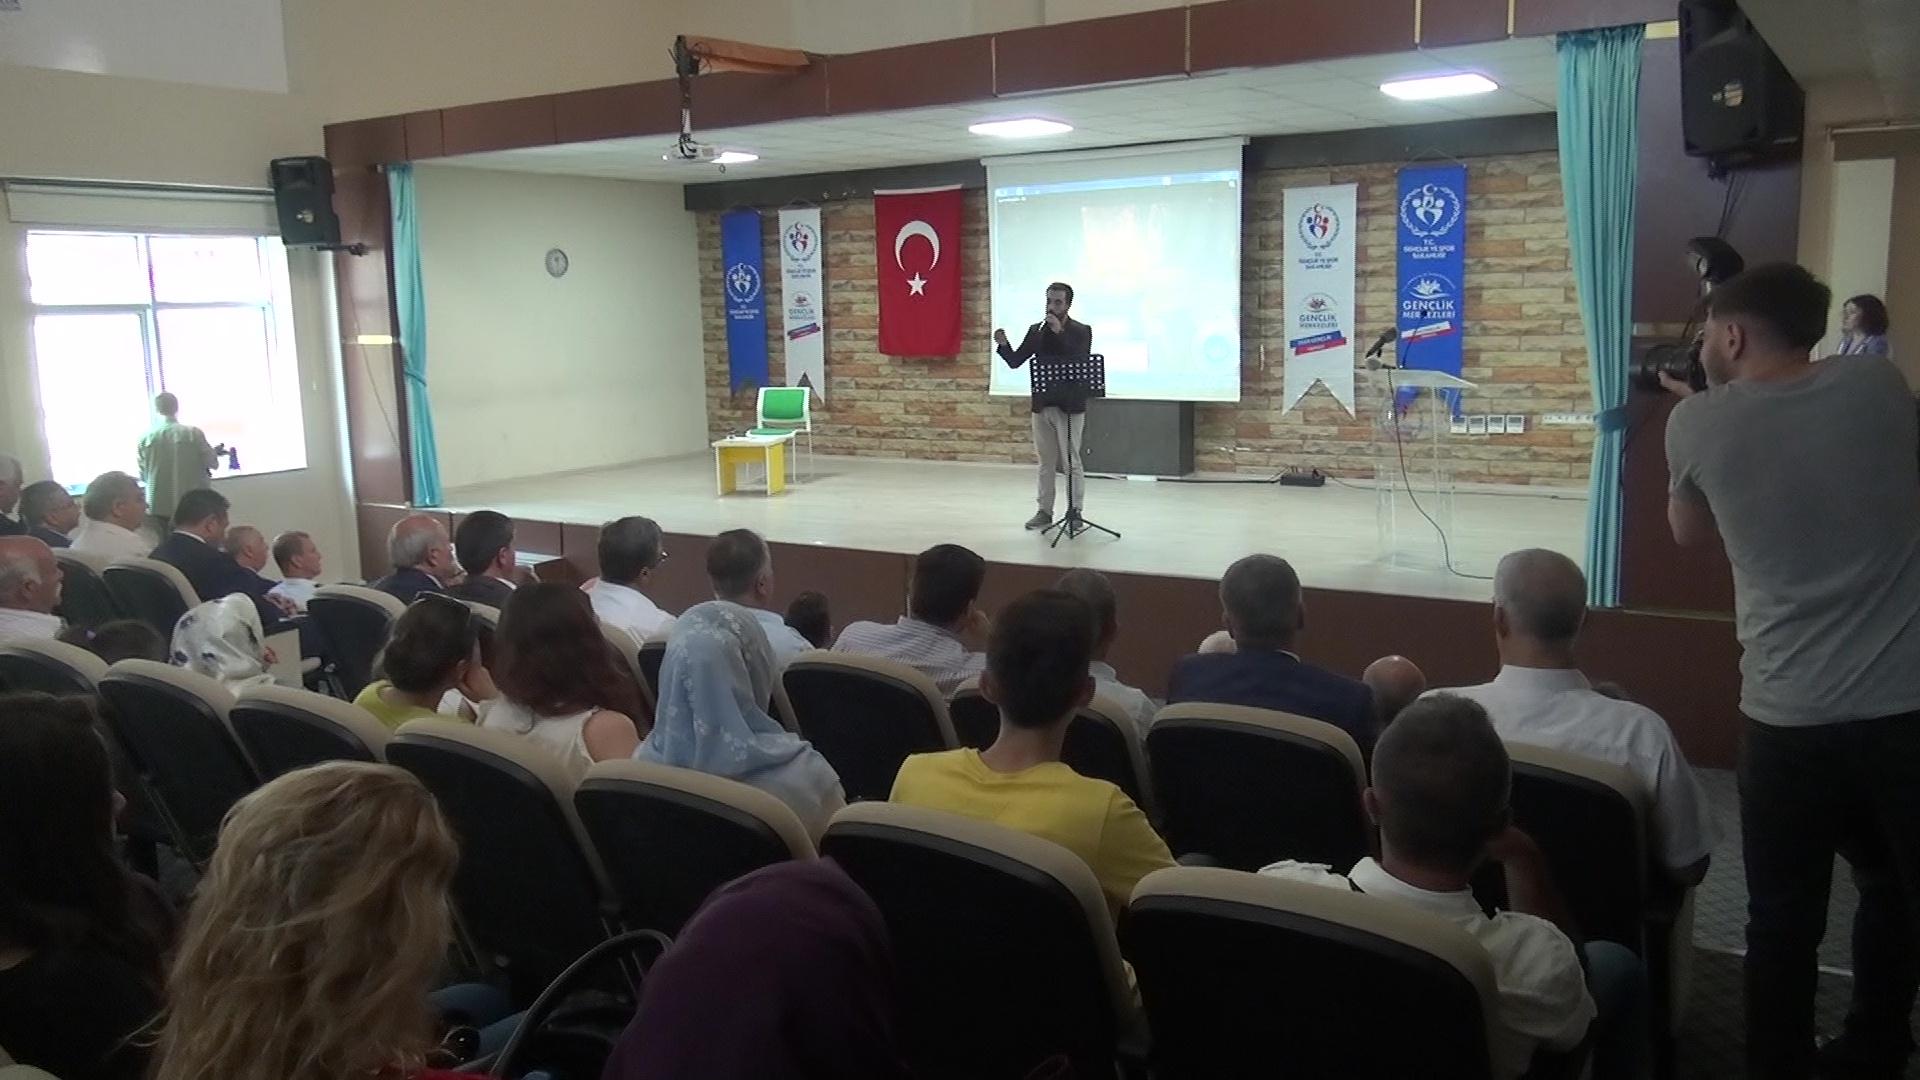 Uşak Gençlik Hizmetleri Spor İl Müdürlüğü 15 Temmuz Şehitlerini Anma Programı Düzenledi